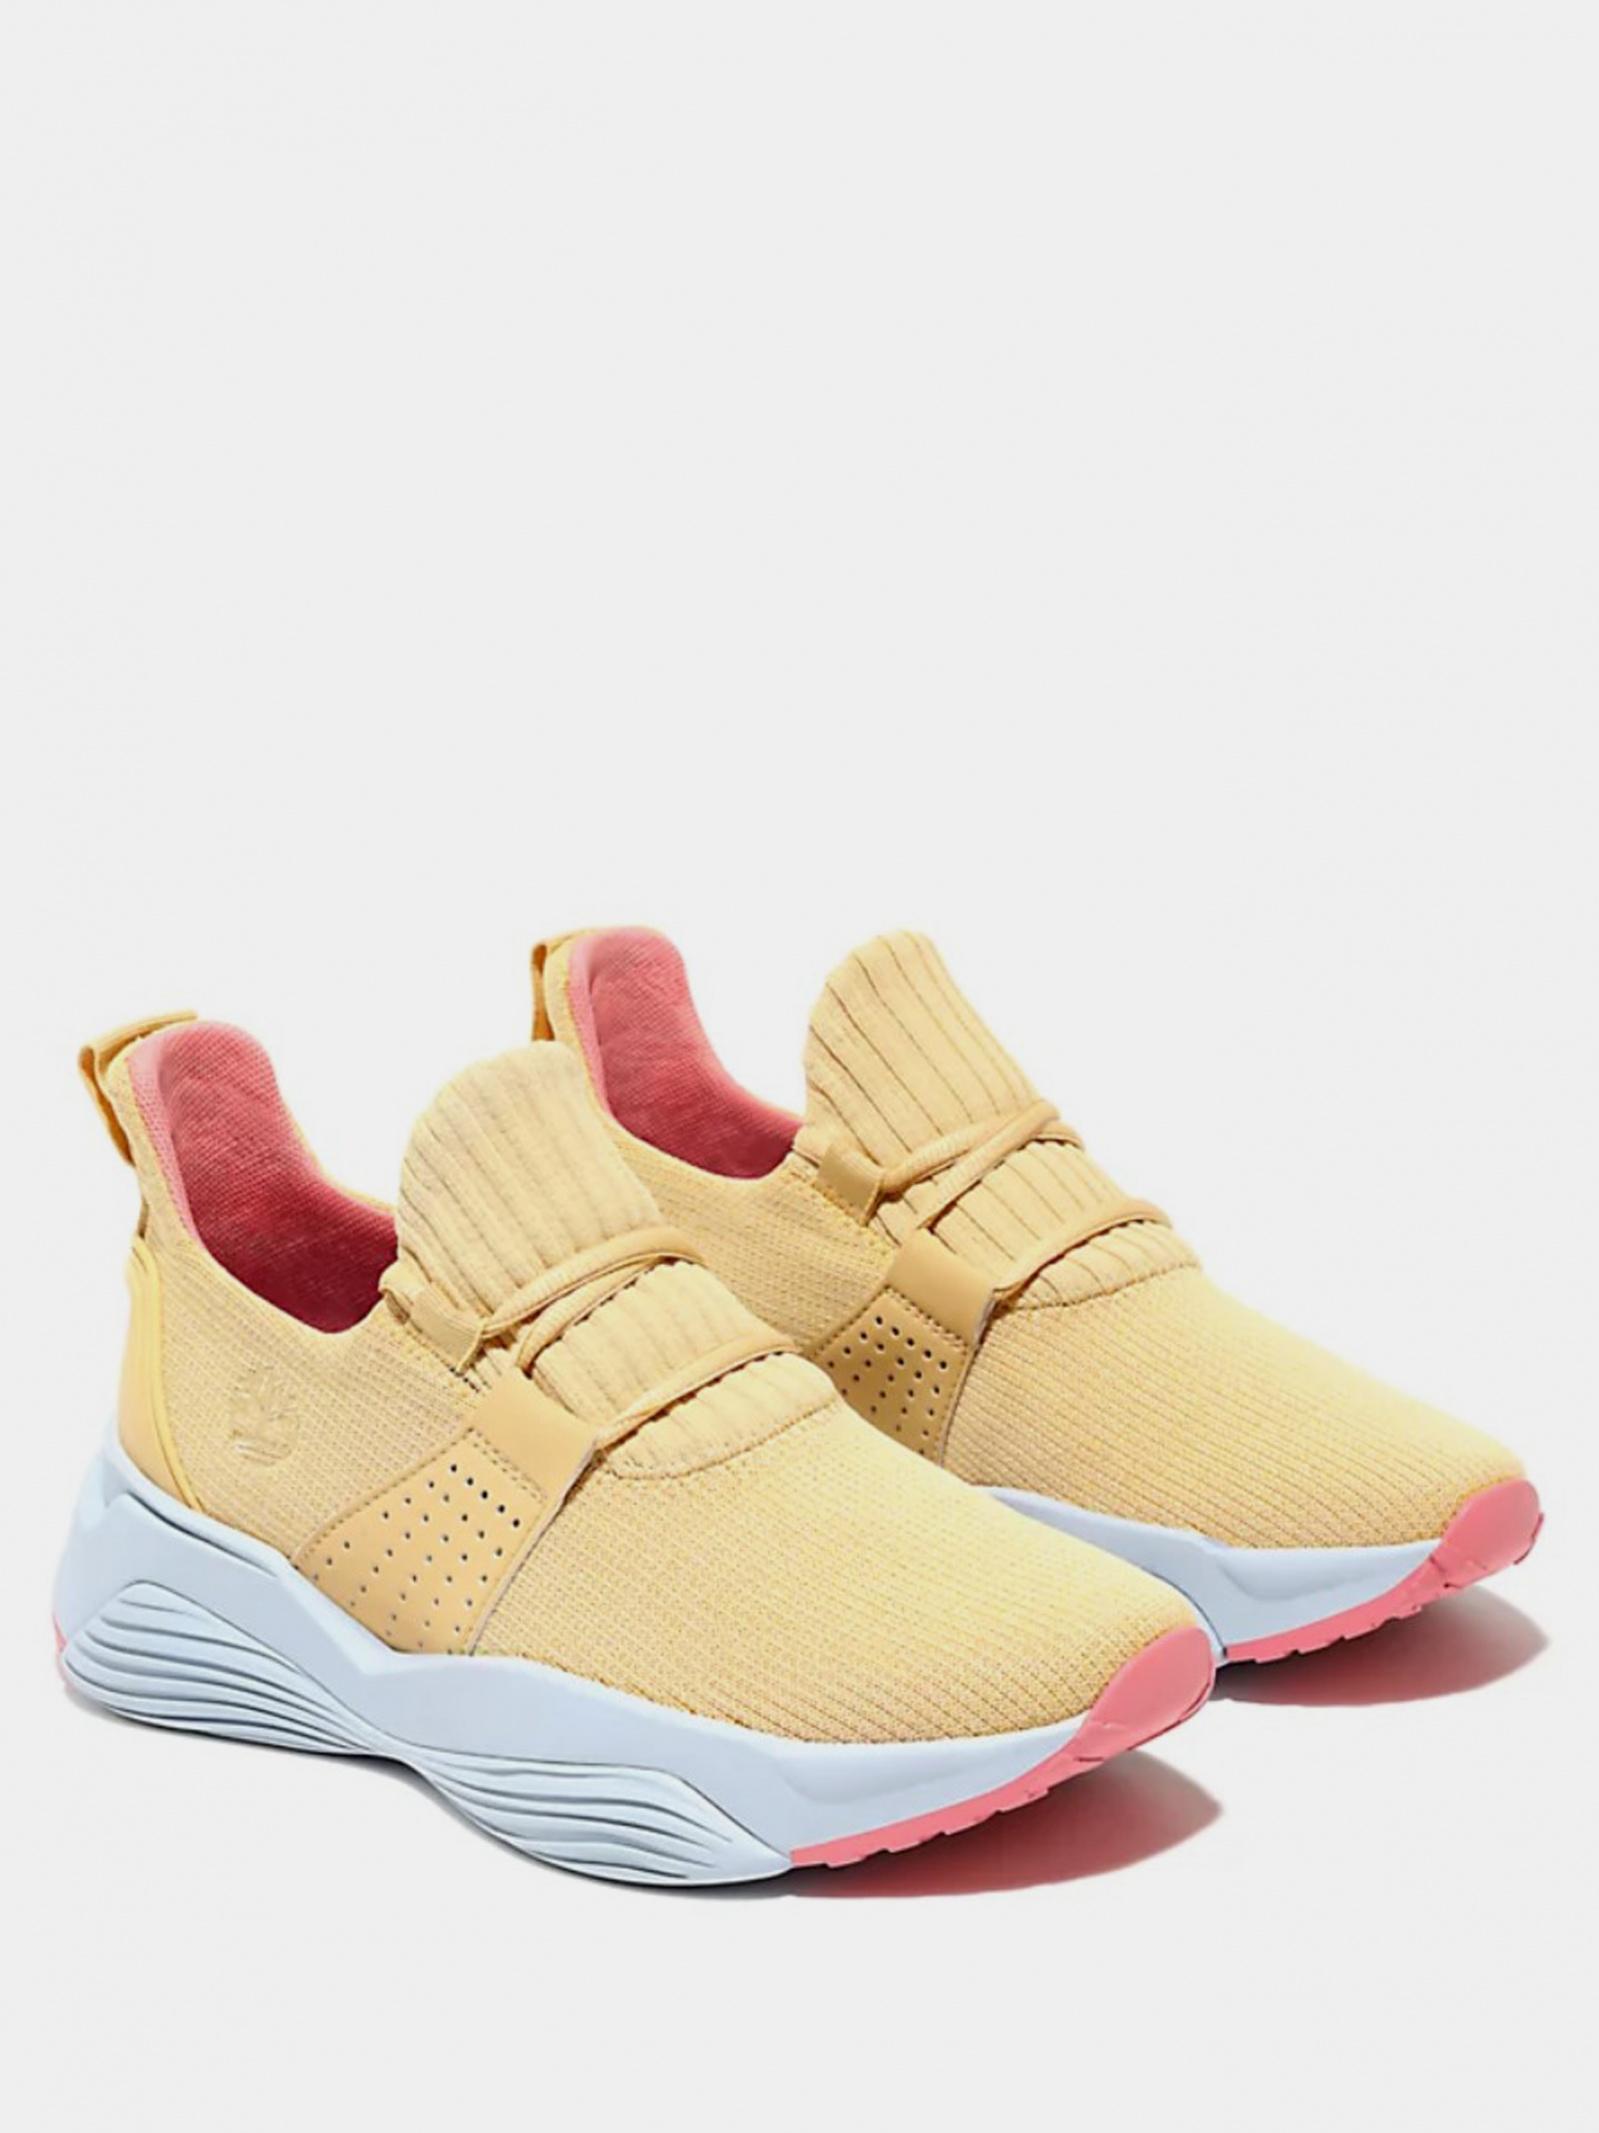 Кросівки  для жінок Timberland Emerald Bay TB0A2EKGA51 продаж, 2017